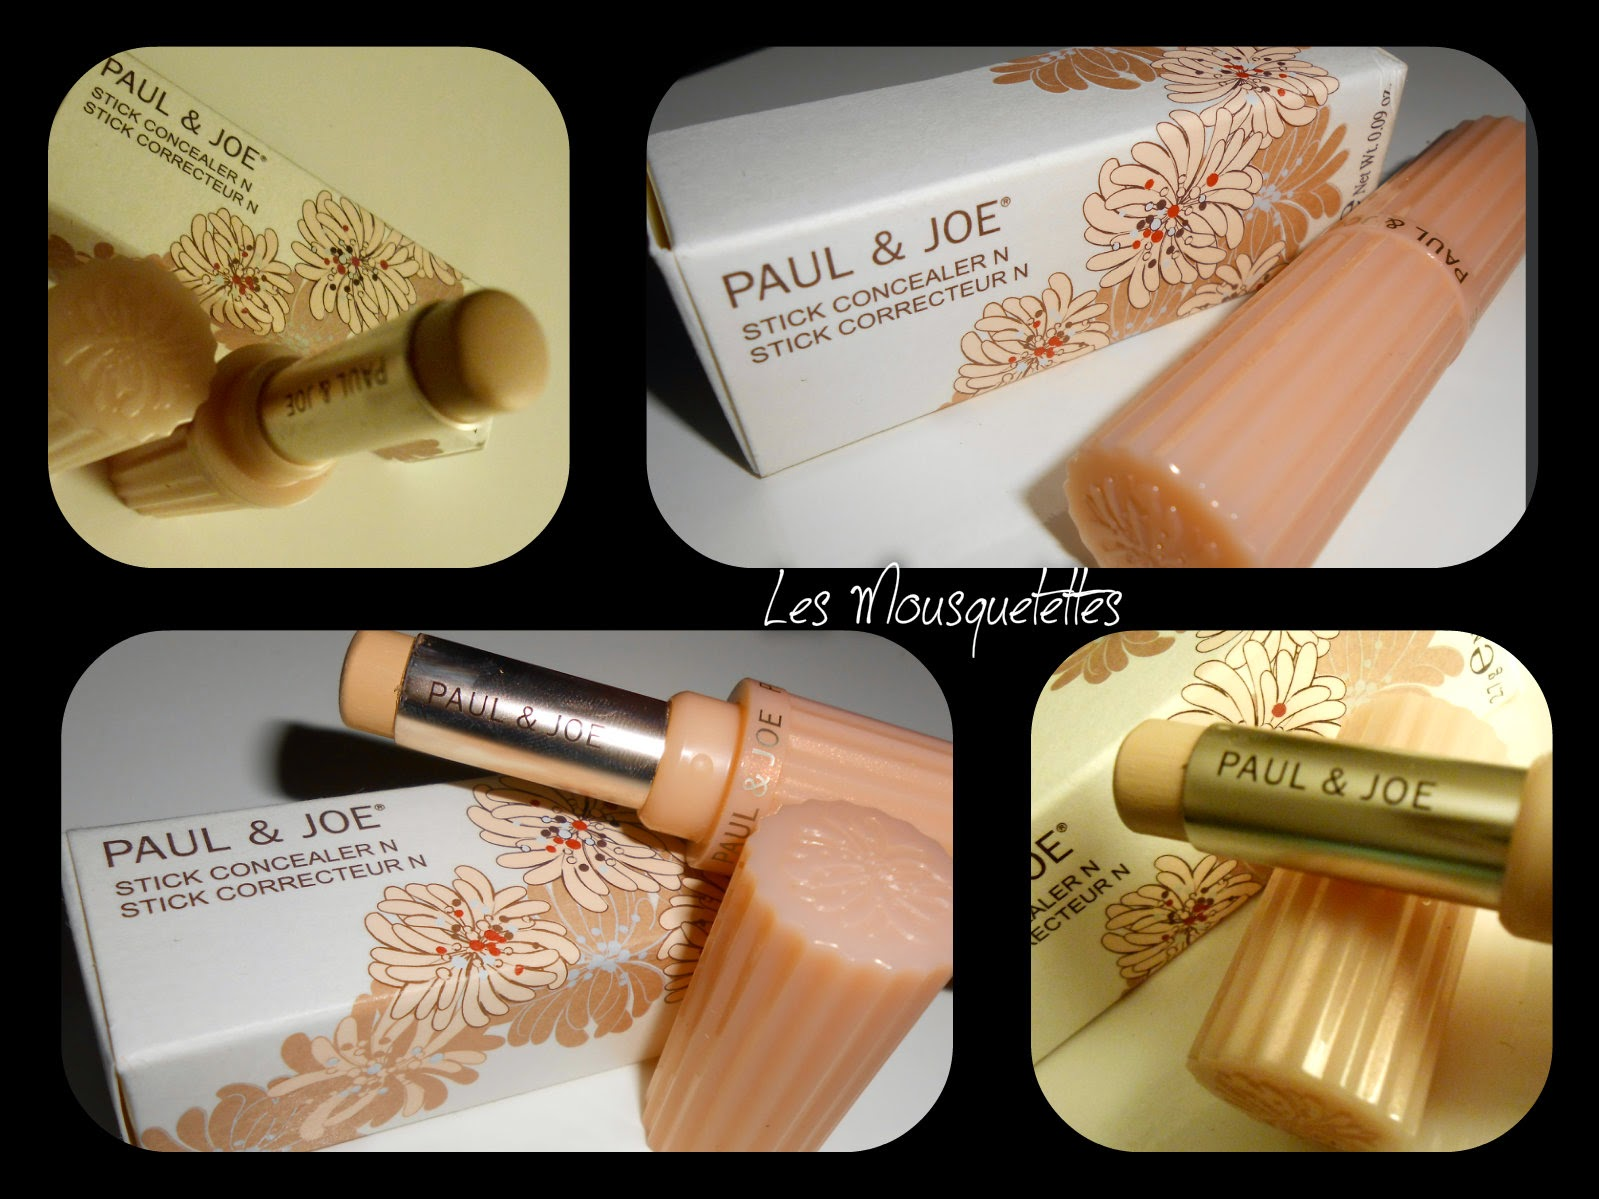 Stick correcteur Paul&Joe - Les Mousquetettes©